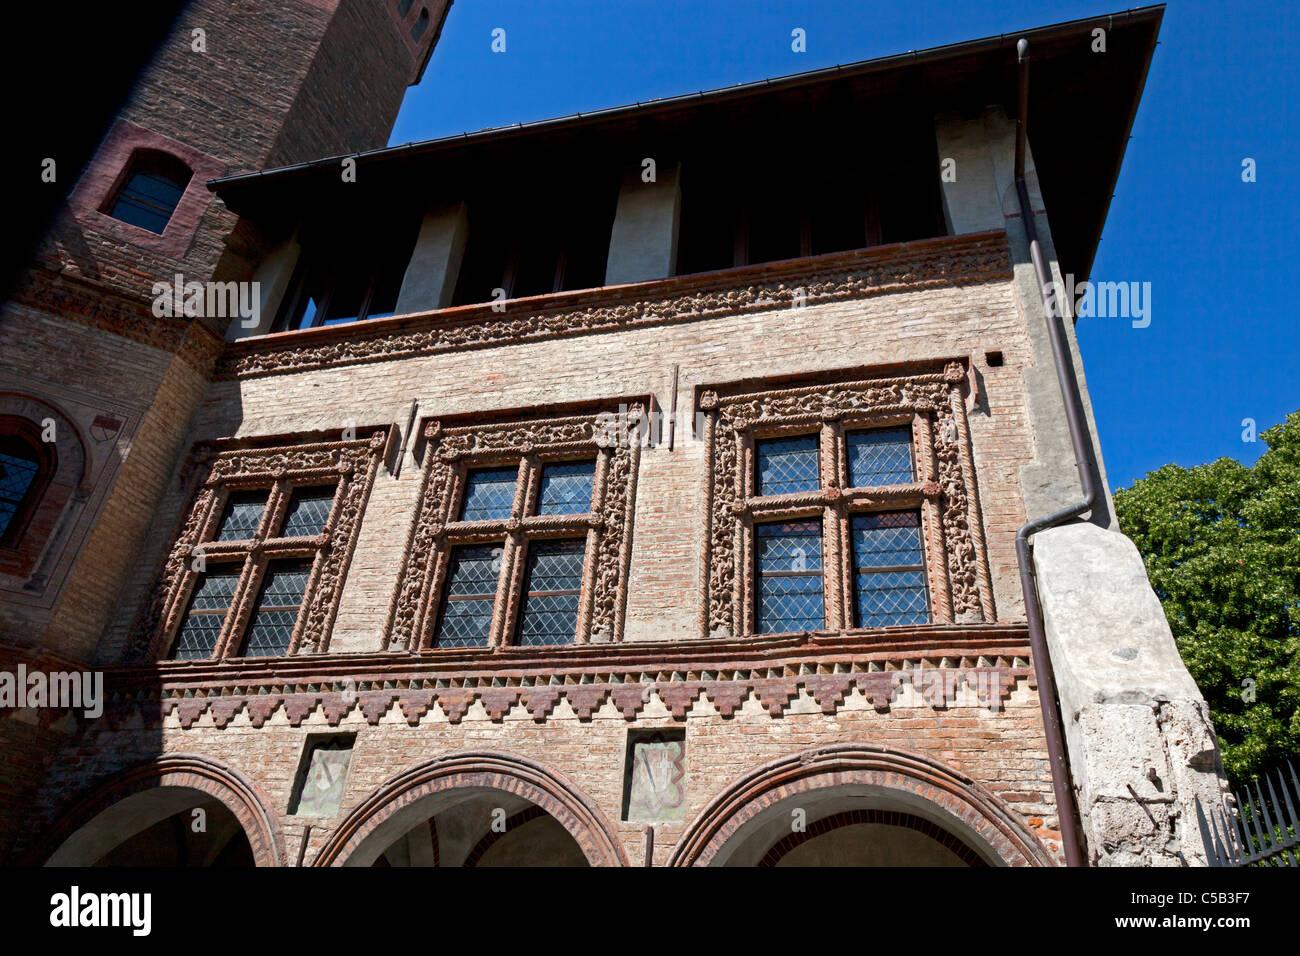 In Aosta, dettagli del chiostro romanico bifore (Italia). Dans Aoste, détails des fenêtres à meneaux Immagini Stock